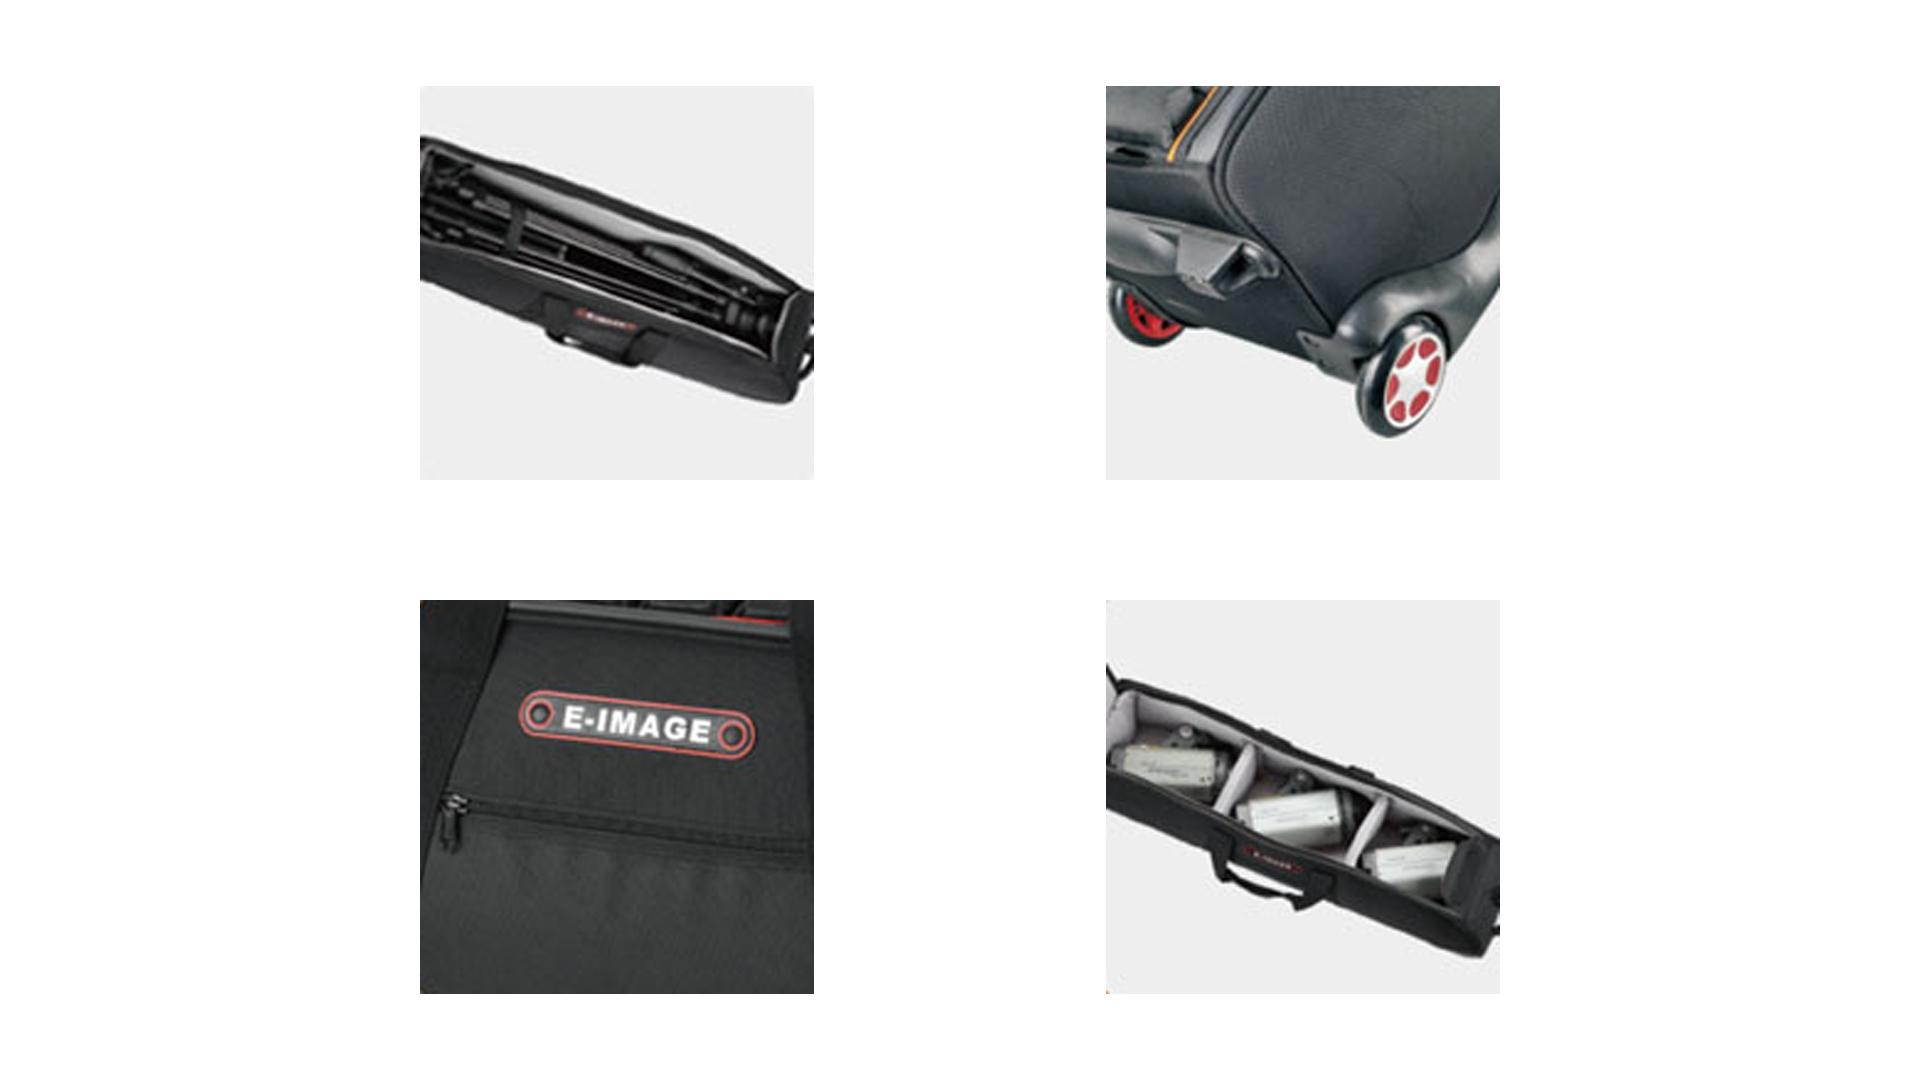 E image EB0921 | Harmony T50 borsa morbida per treppiede | Trolley